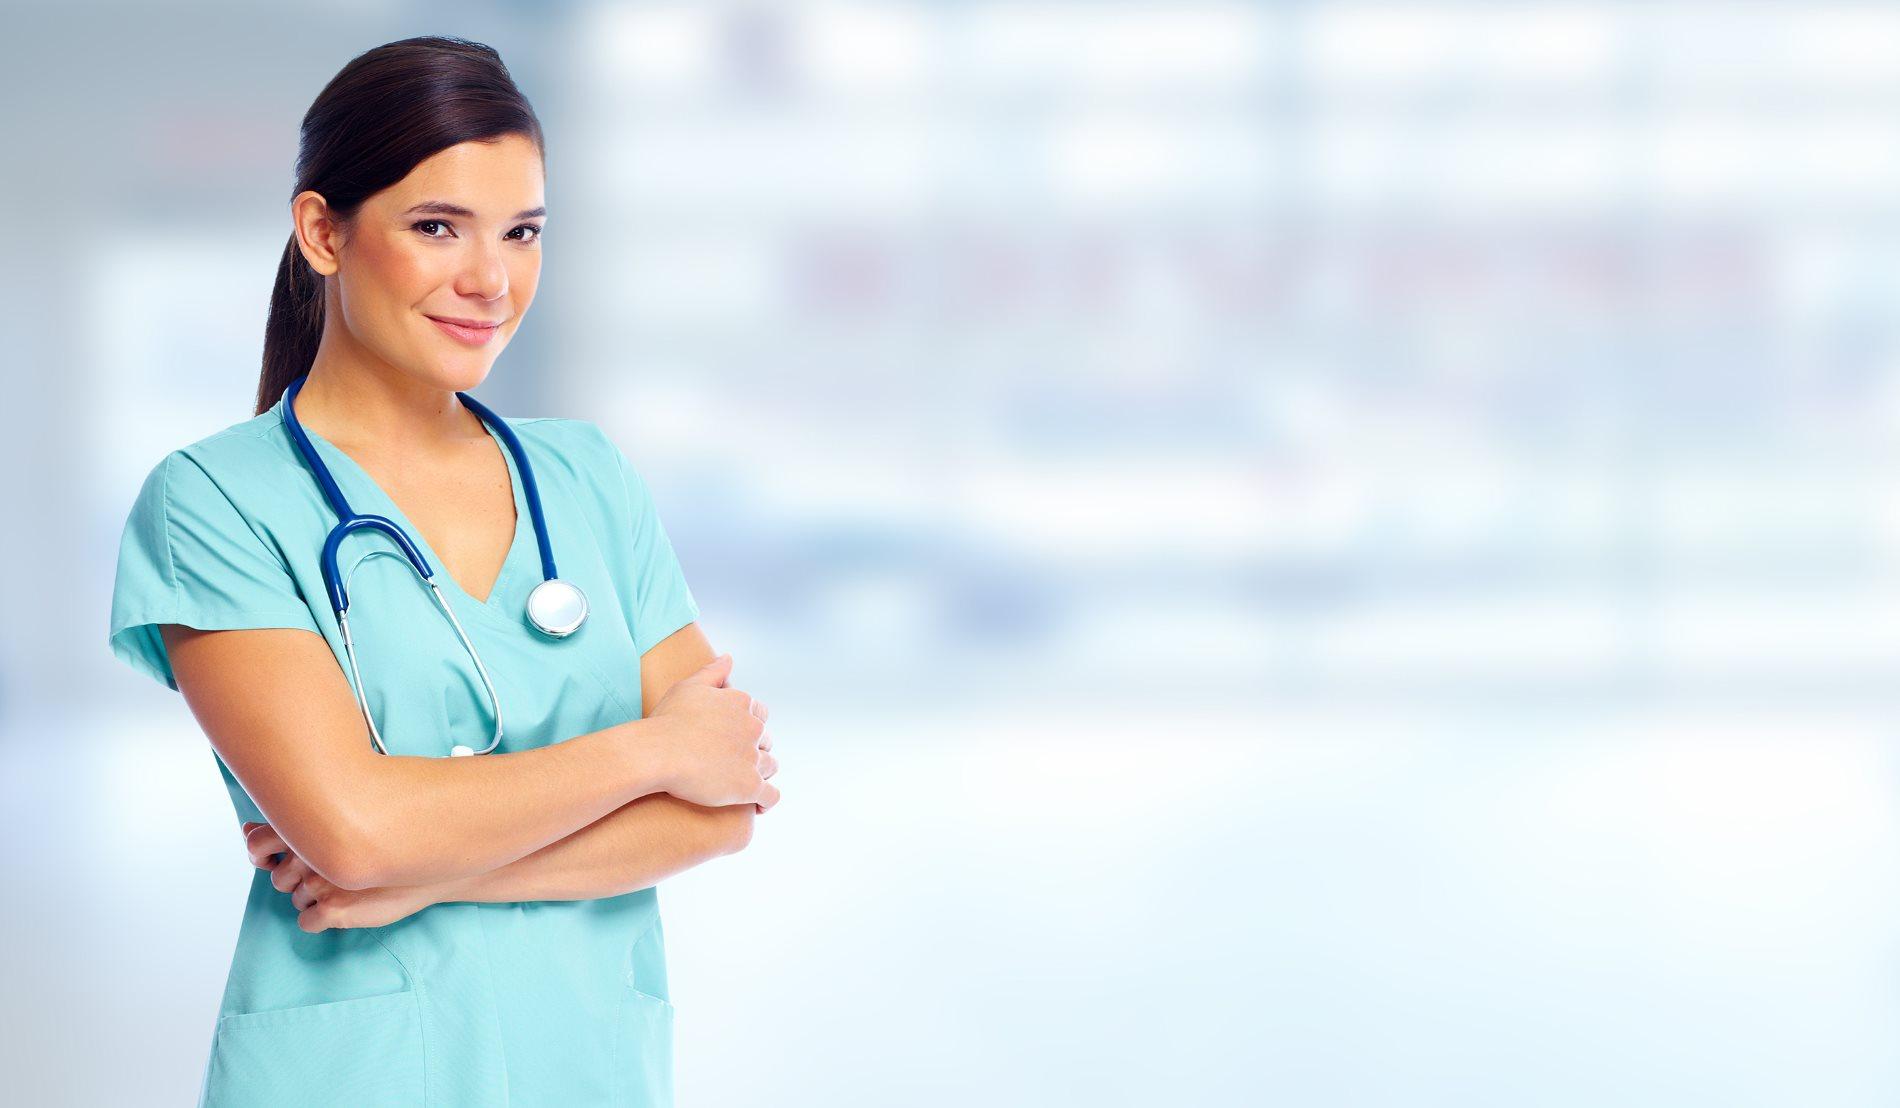 ΗΠΑ: Γιατί οι γυναίκες γιατροί συνεχίζουν να υποαμείβονται έναντι των ανδρών;